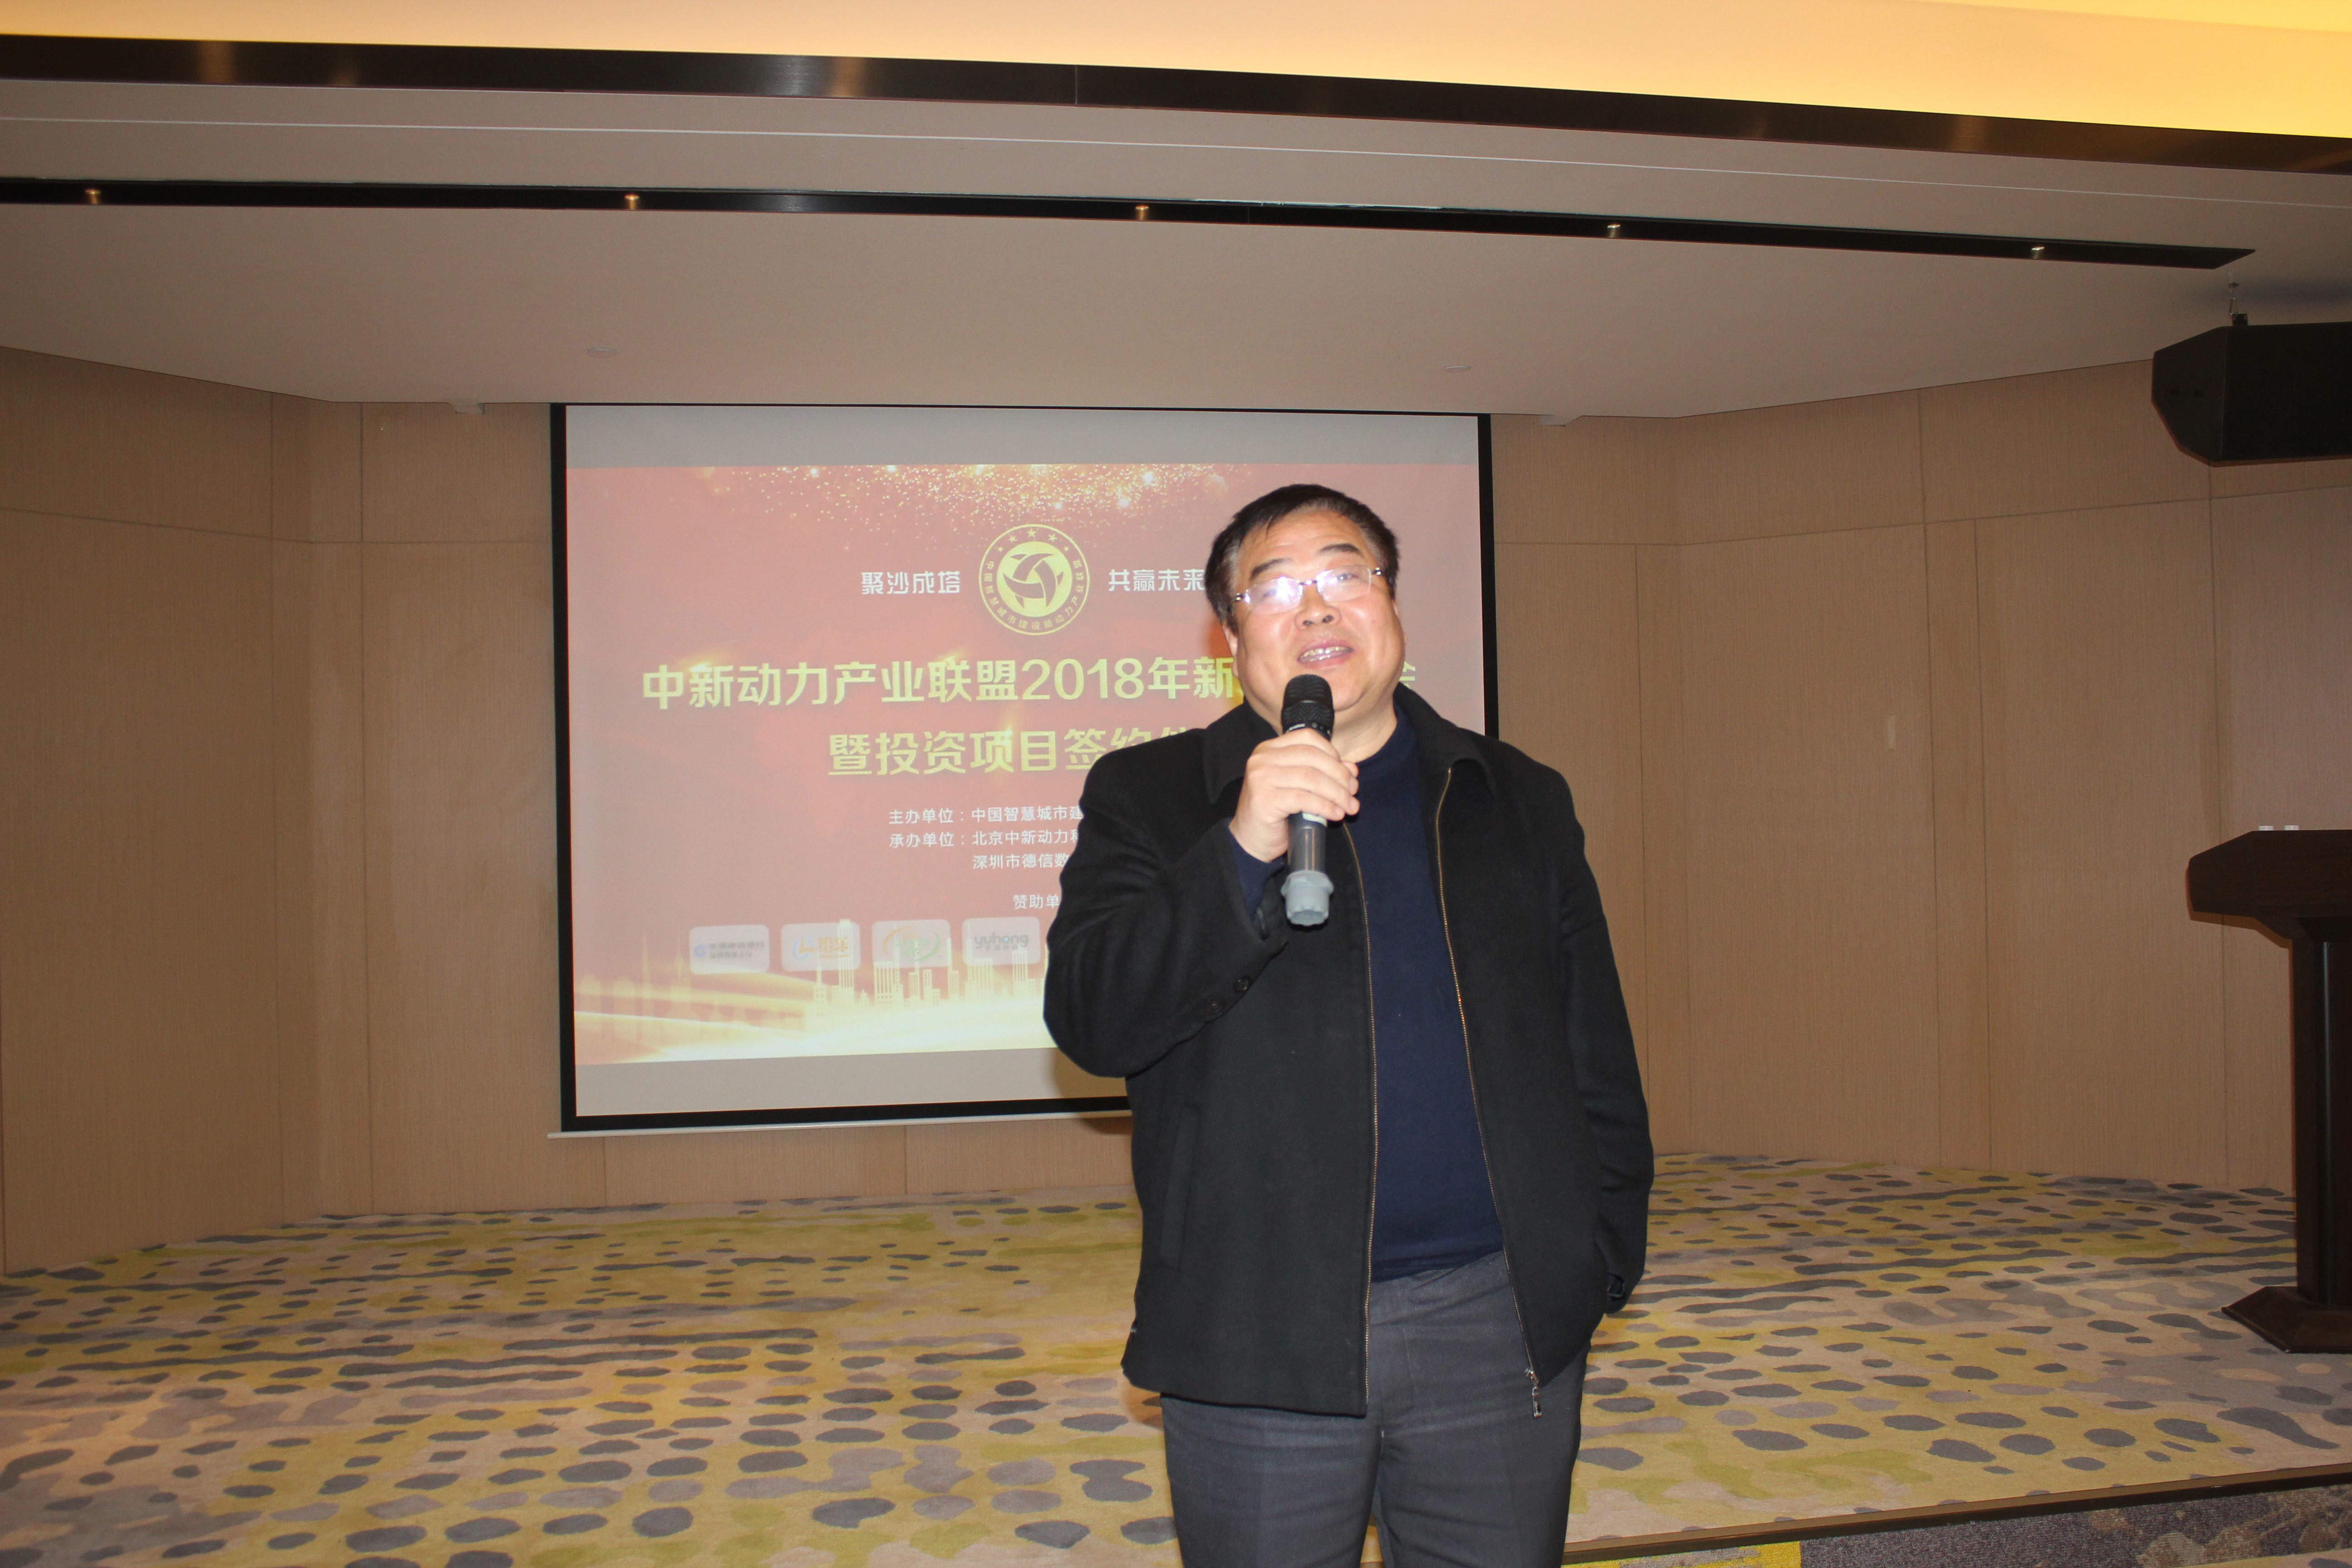 深圳市圣绿优品科技有限公司董事长 傅志明